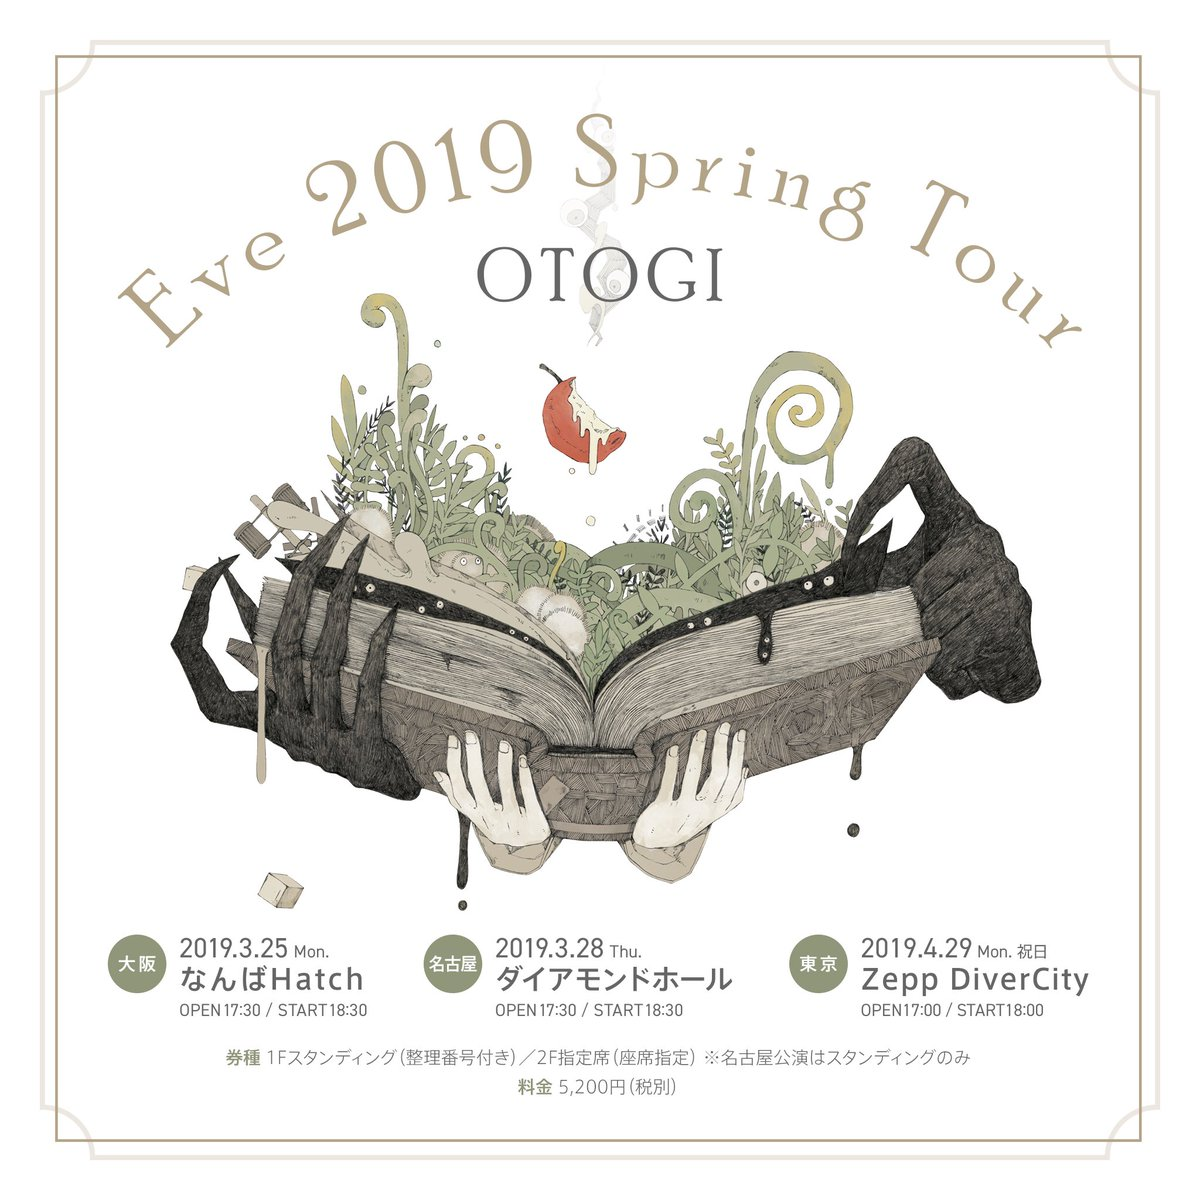 ■2019 春ワンマンツアー 〜おとぎ〜東名阪で開催が決定しました!ちょっと先だけど来年の春よかったら遊びにきてね。特設